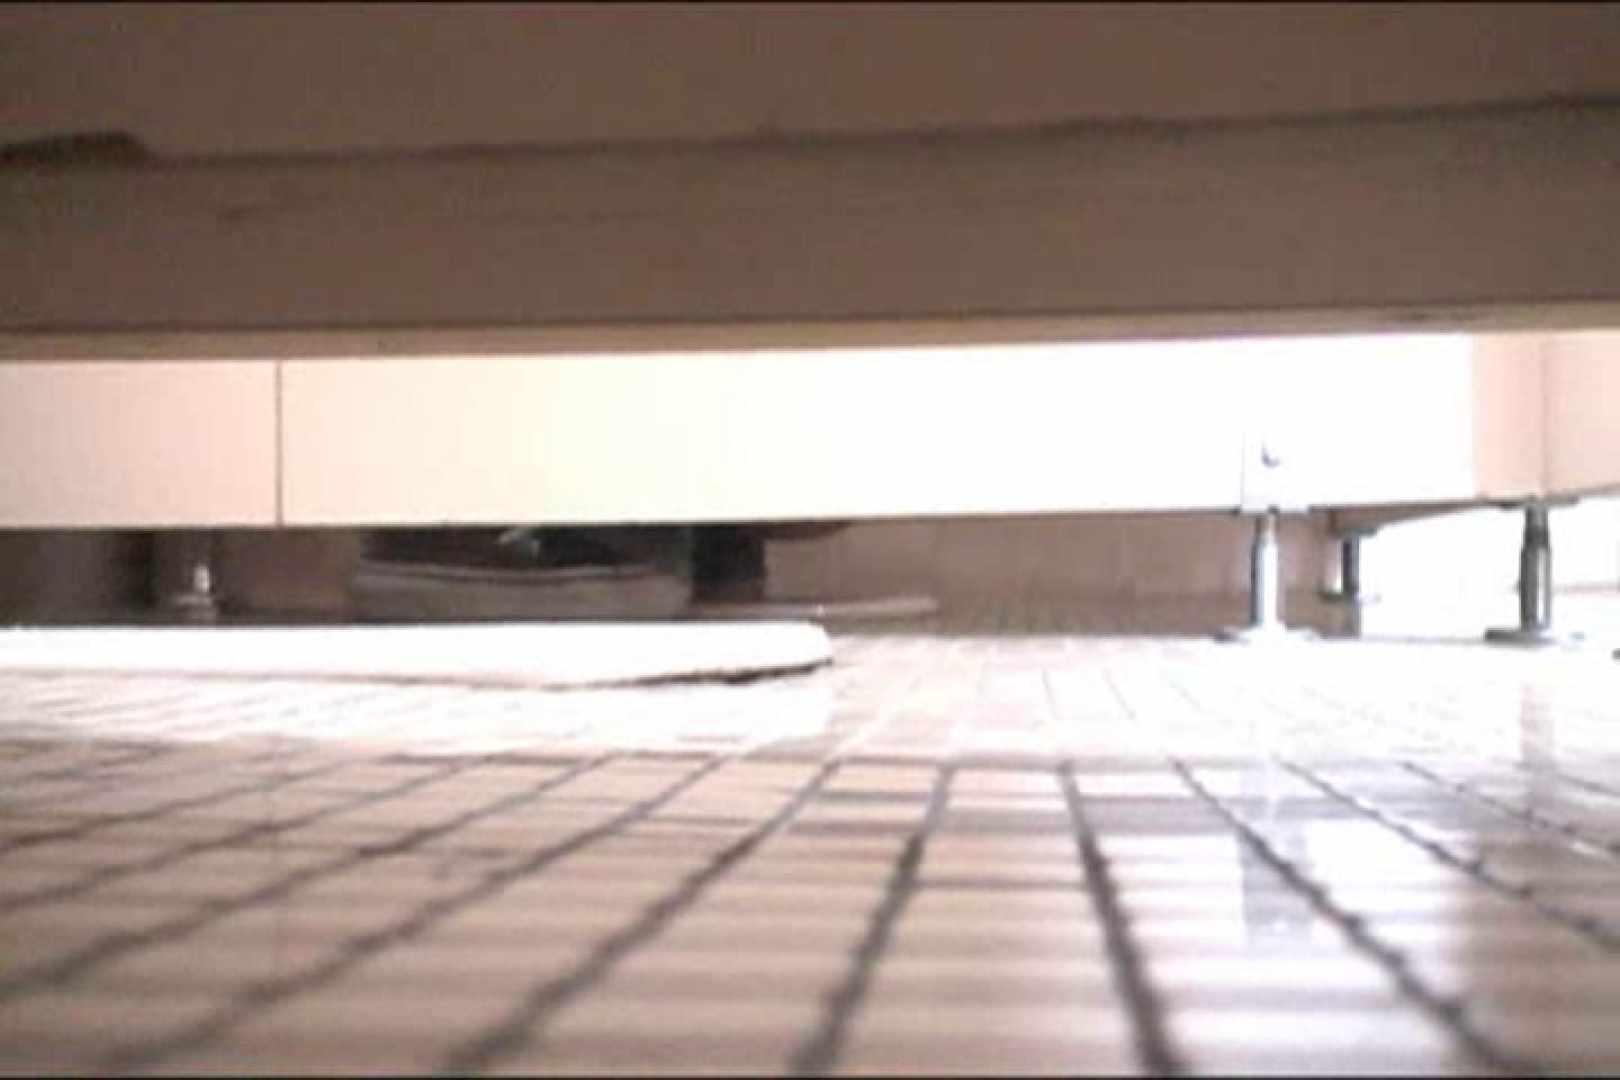 マンコ丸見え女子洗面所Vol.15 マンコ ワレメ無修正動画無料 101画像 64